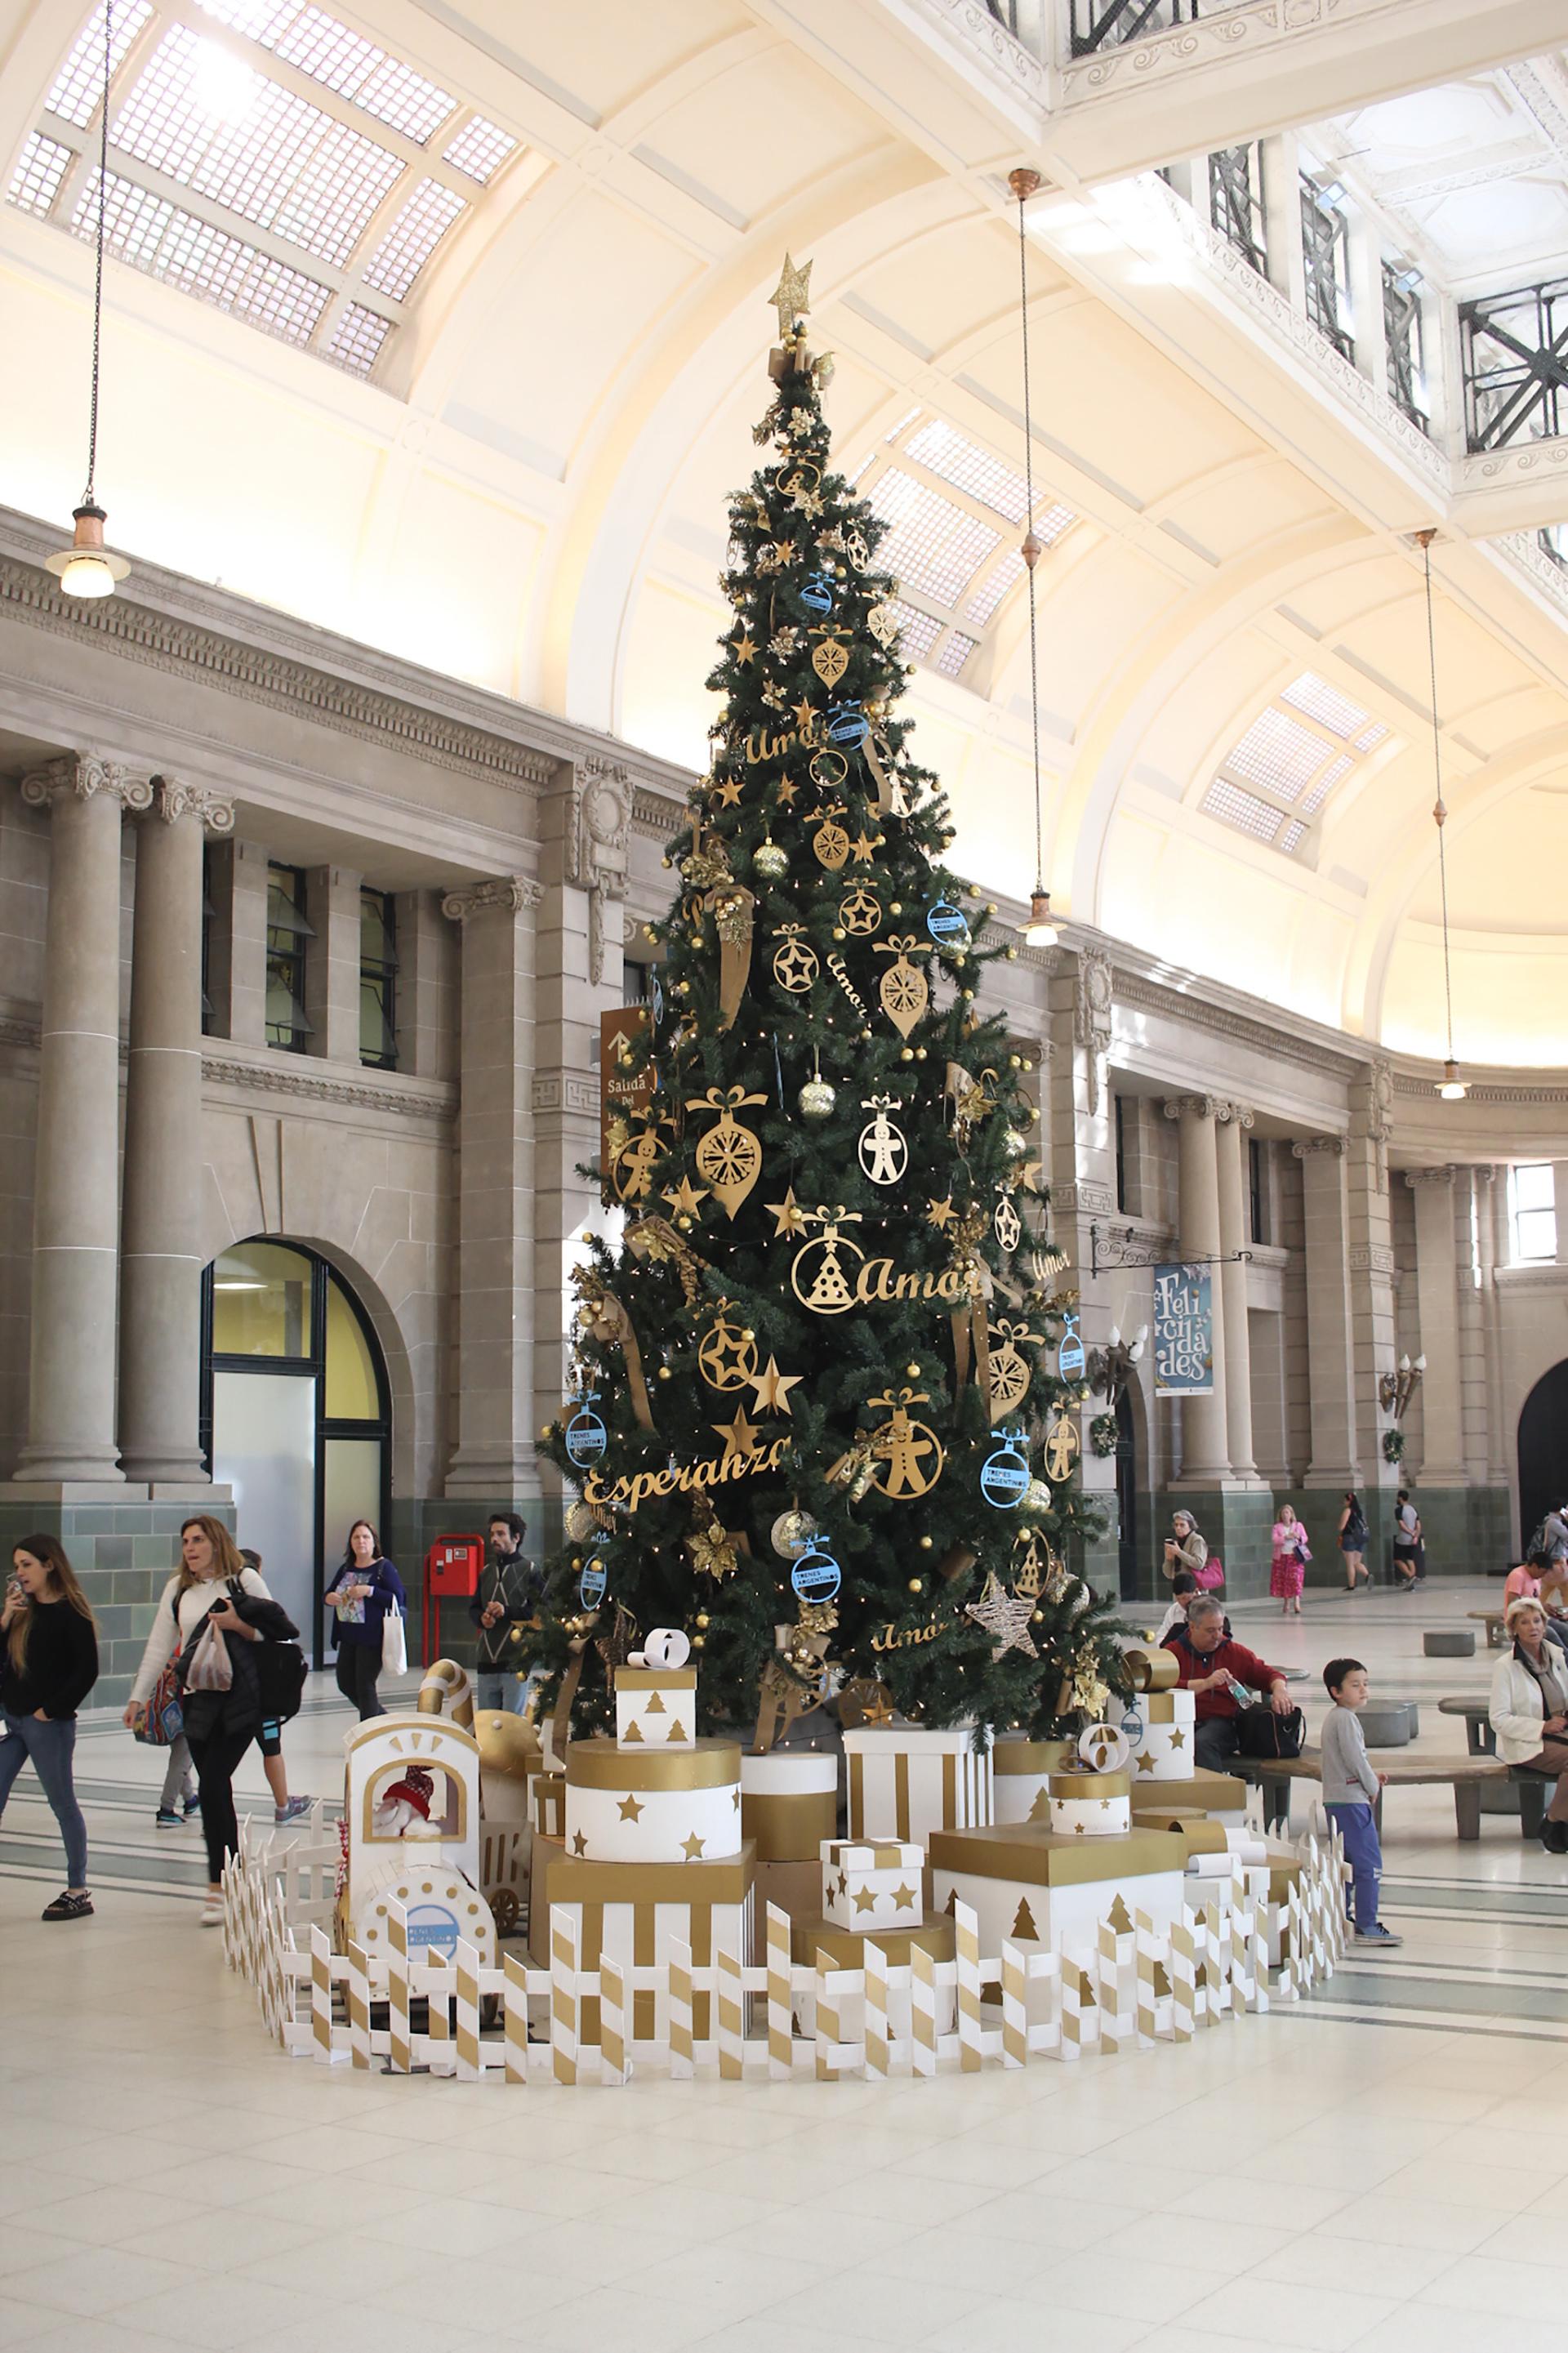 El árbol de Navidad de 8 metros de altura que está en la estación de Retiro (Matías Baglietto)